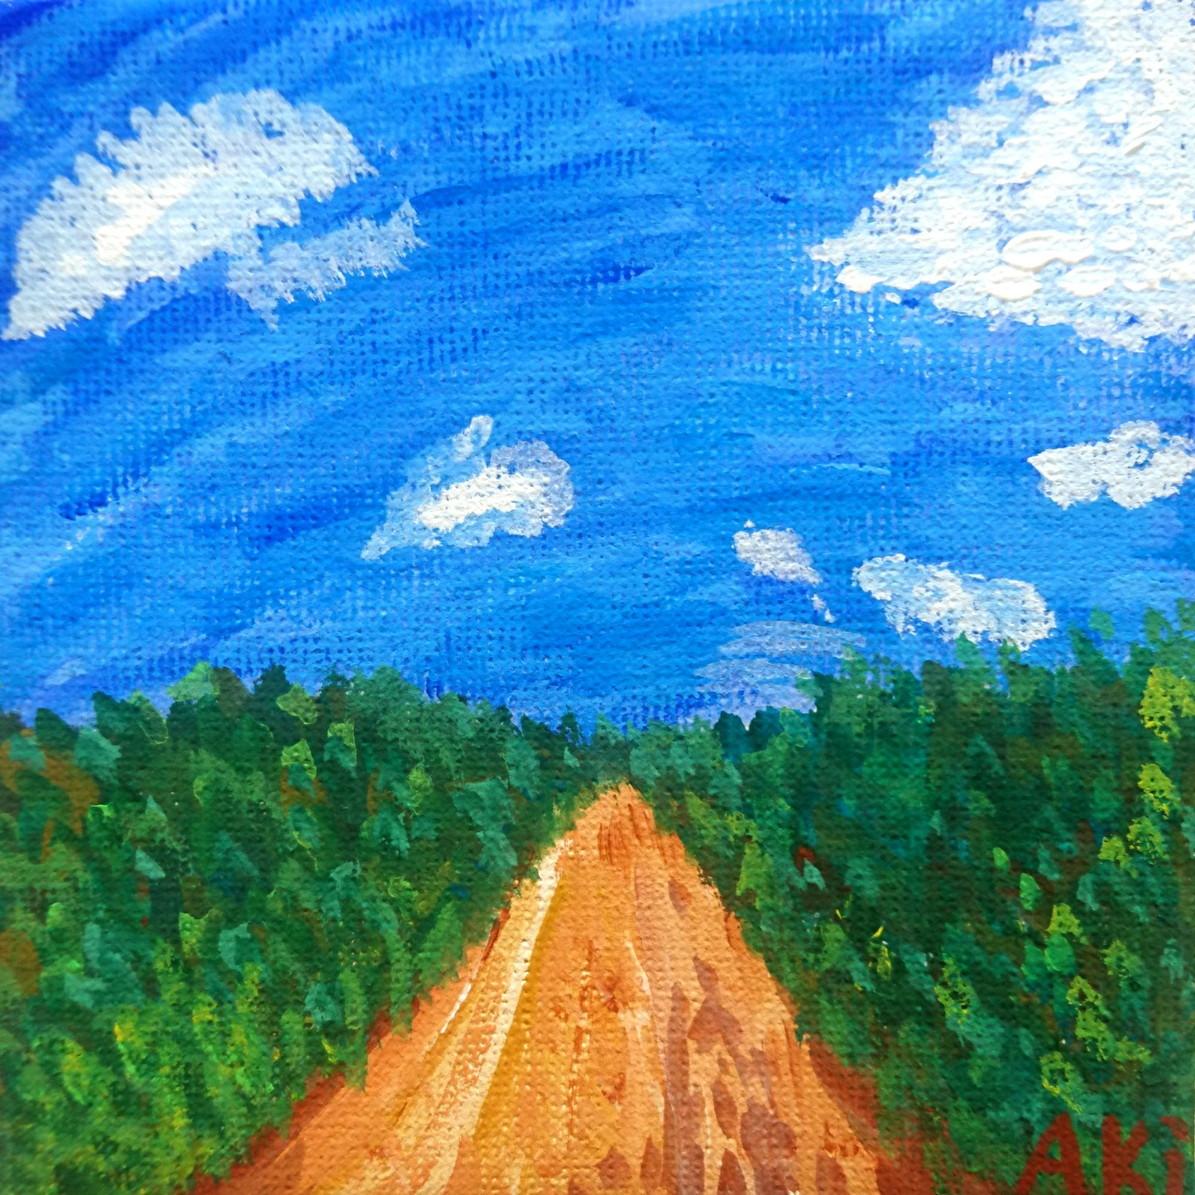 絵画 インテリア アートパネル 雑貨 壁掛け 置物 おしゃれ 抽象画 ロココロ 画家 : ごま 作品 : 久高島